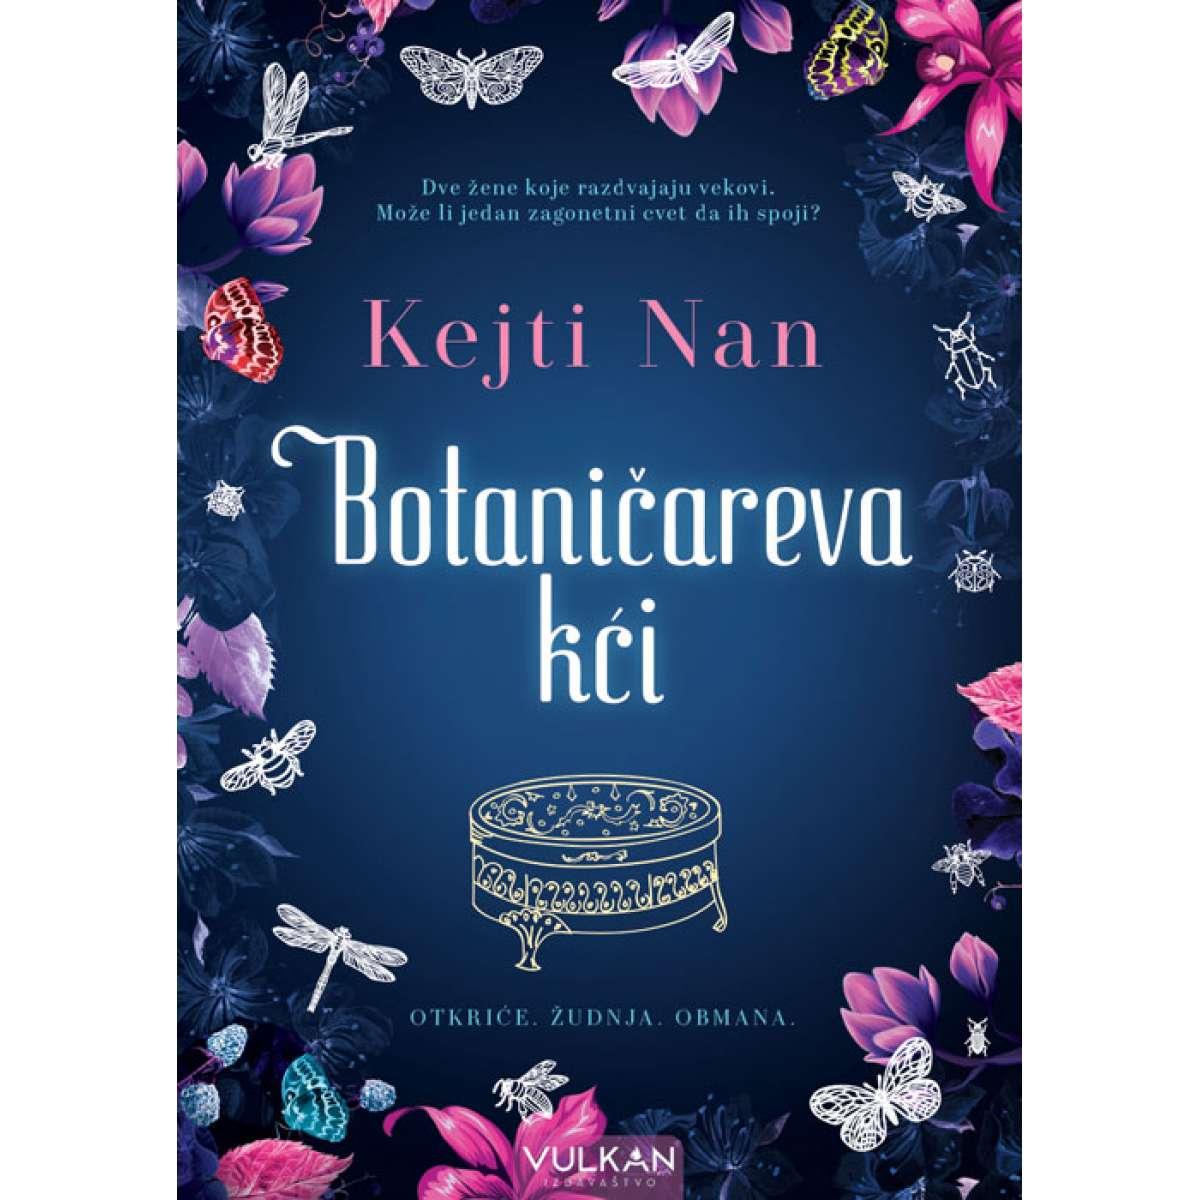 Botaničareva kći